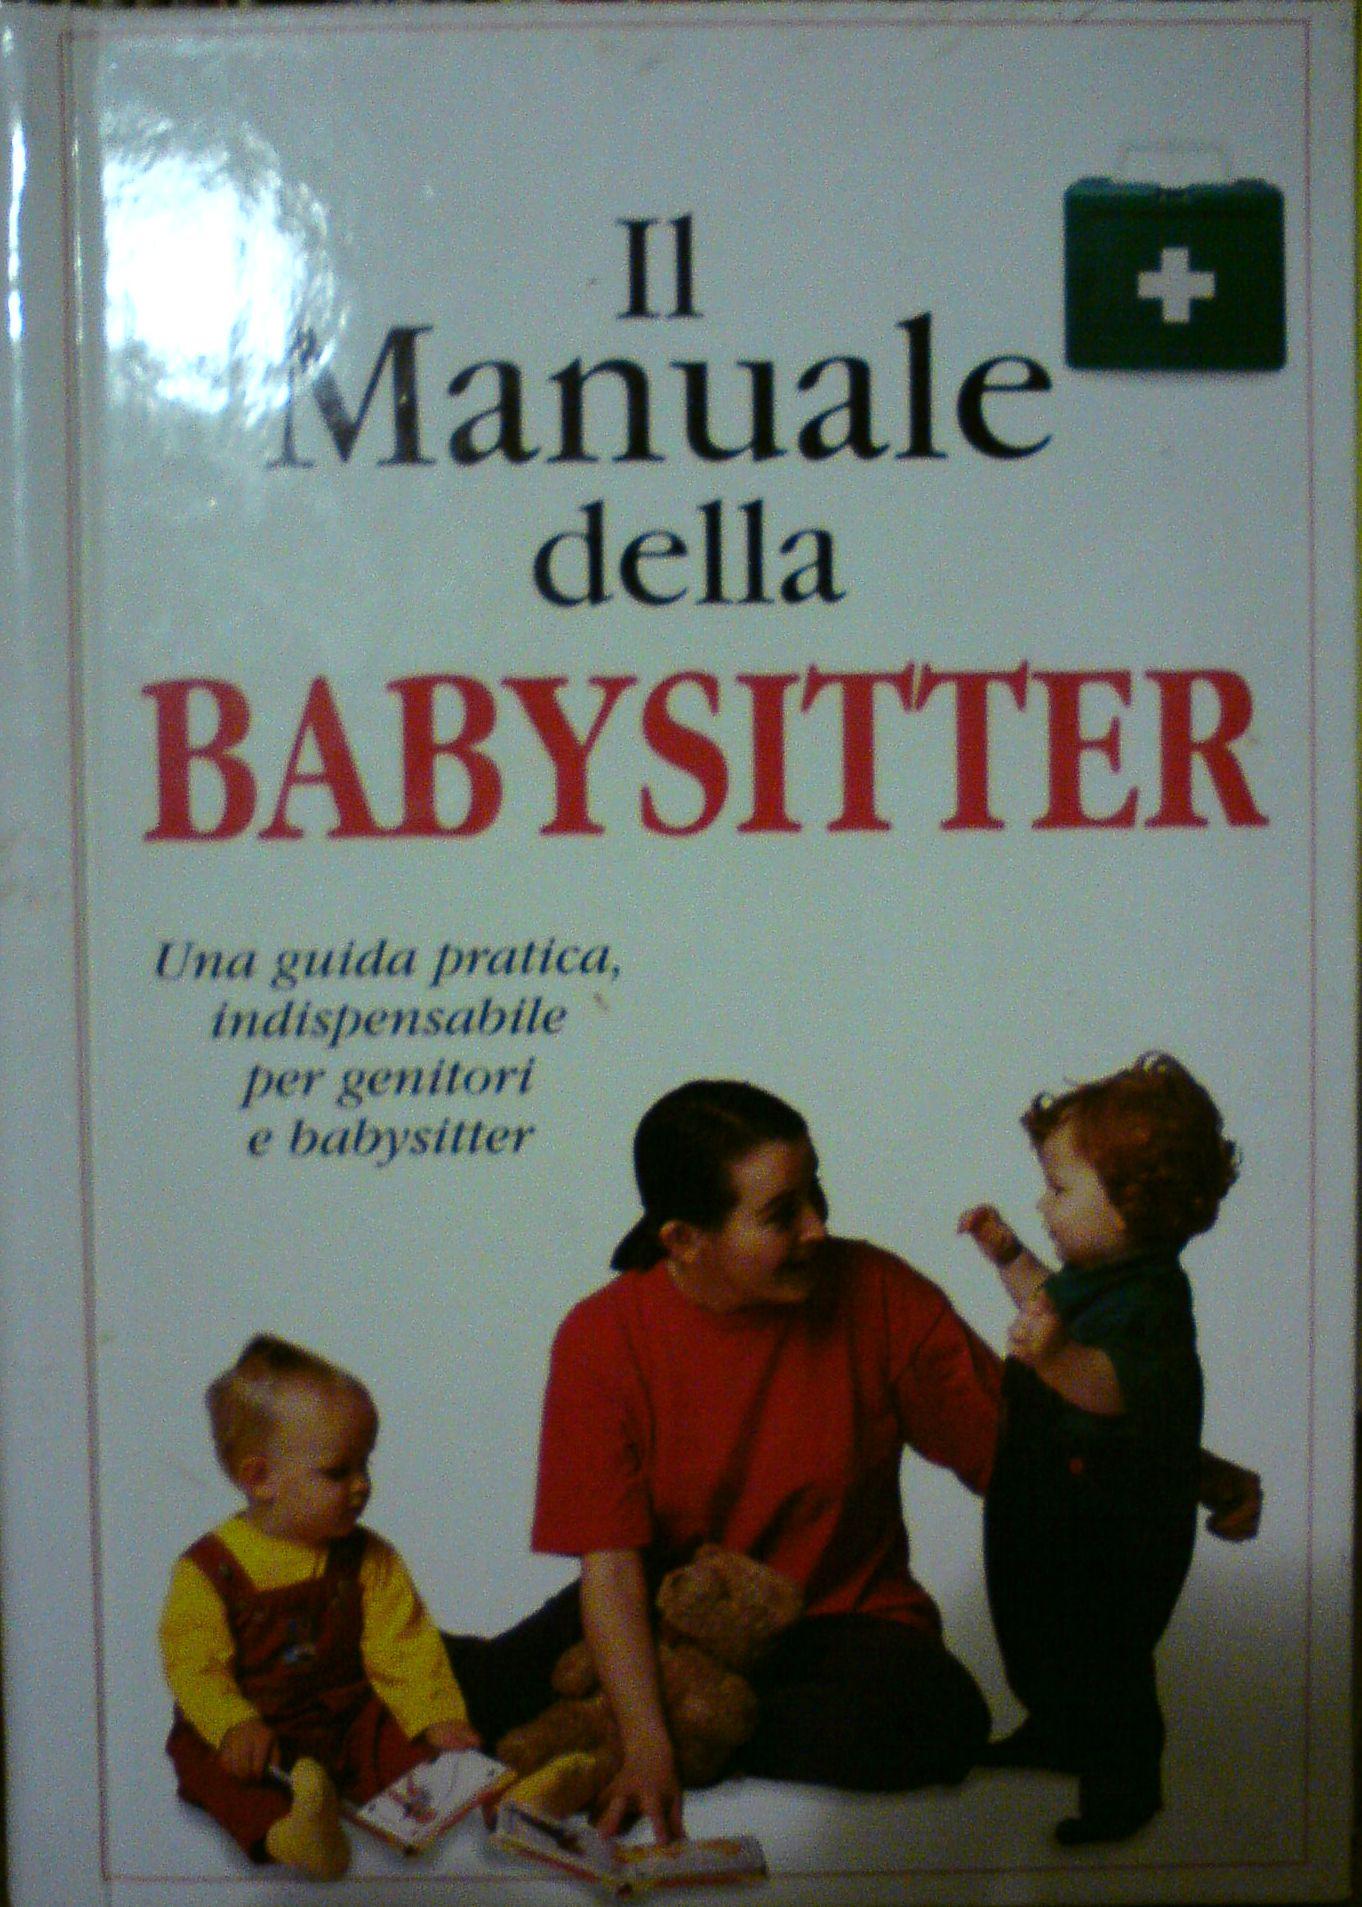 Il manuale della babysitter